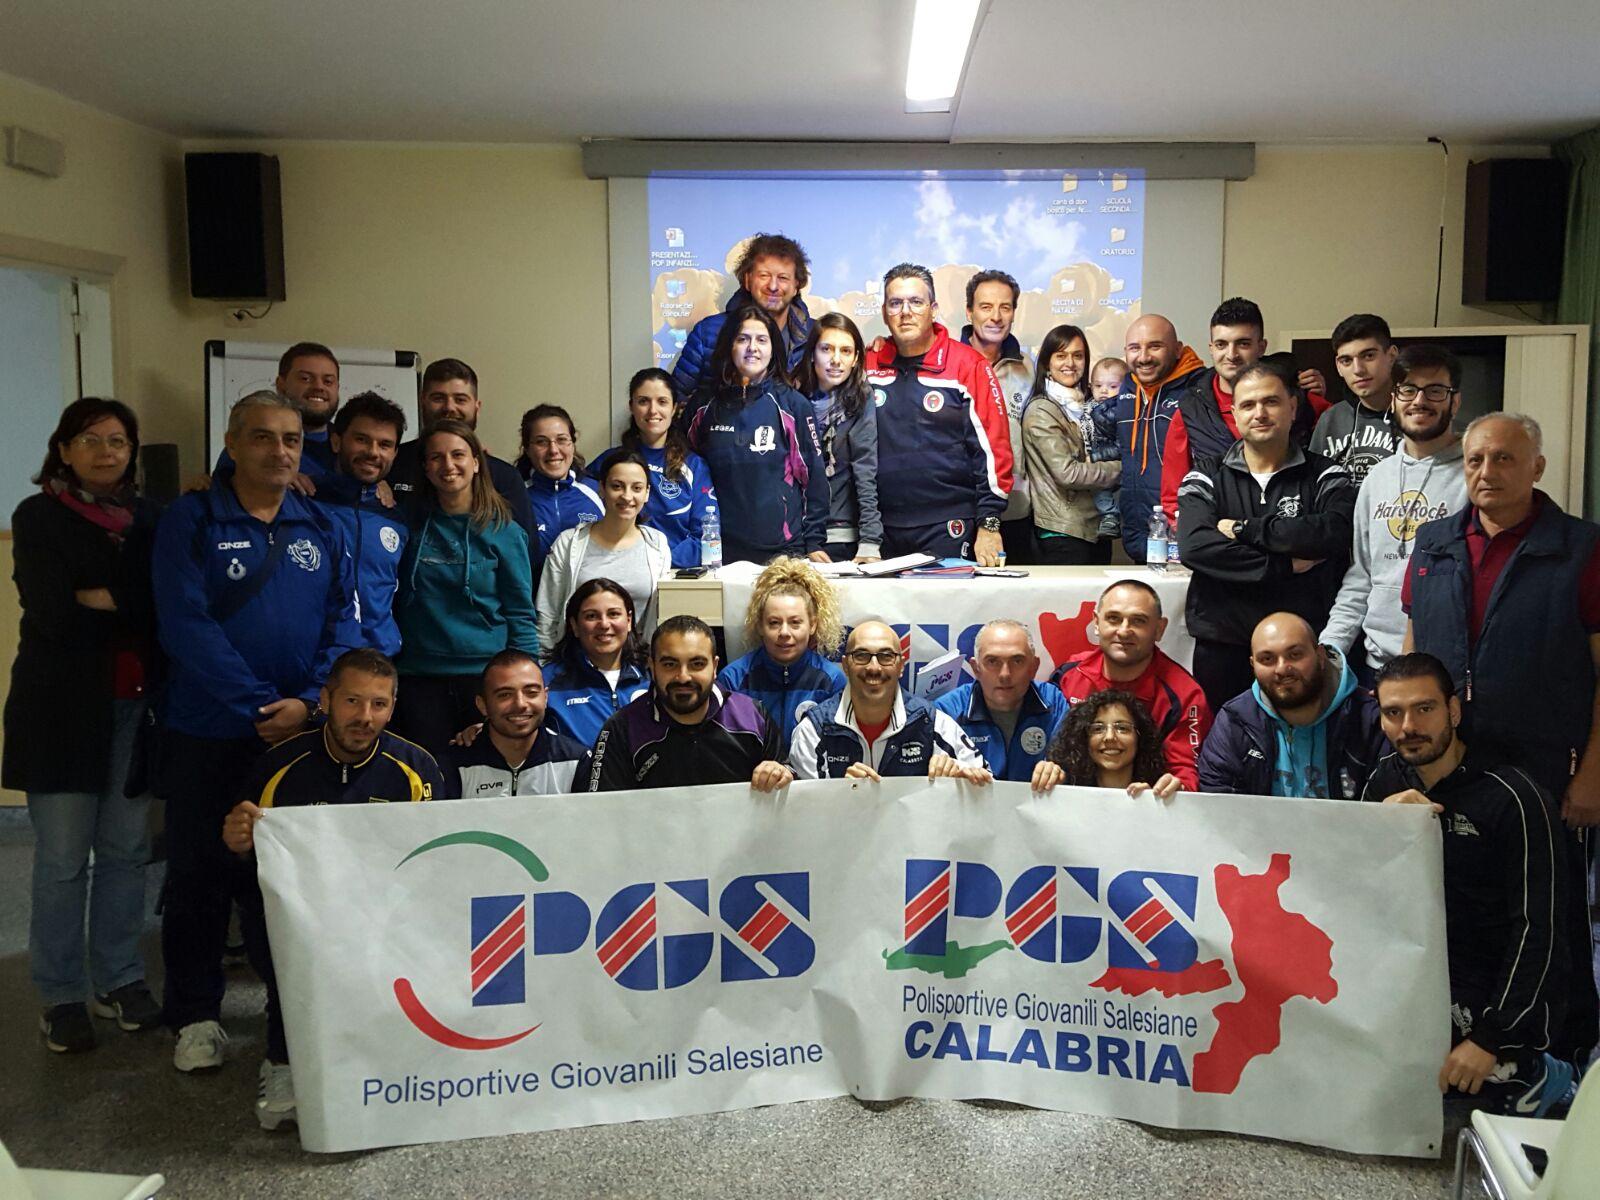 corso_alleducatori_pgs_calabria